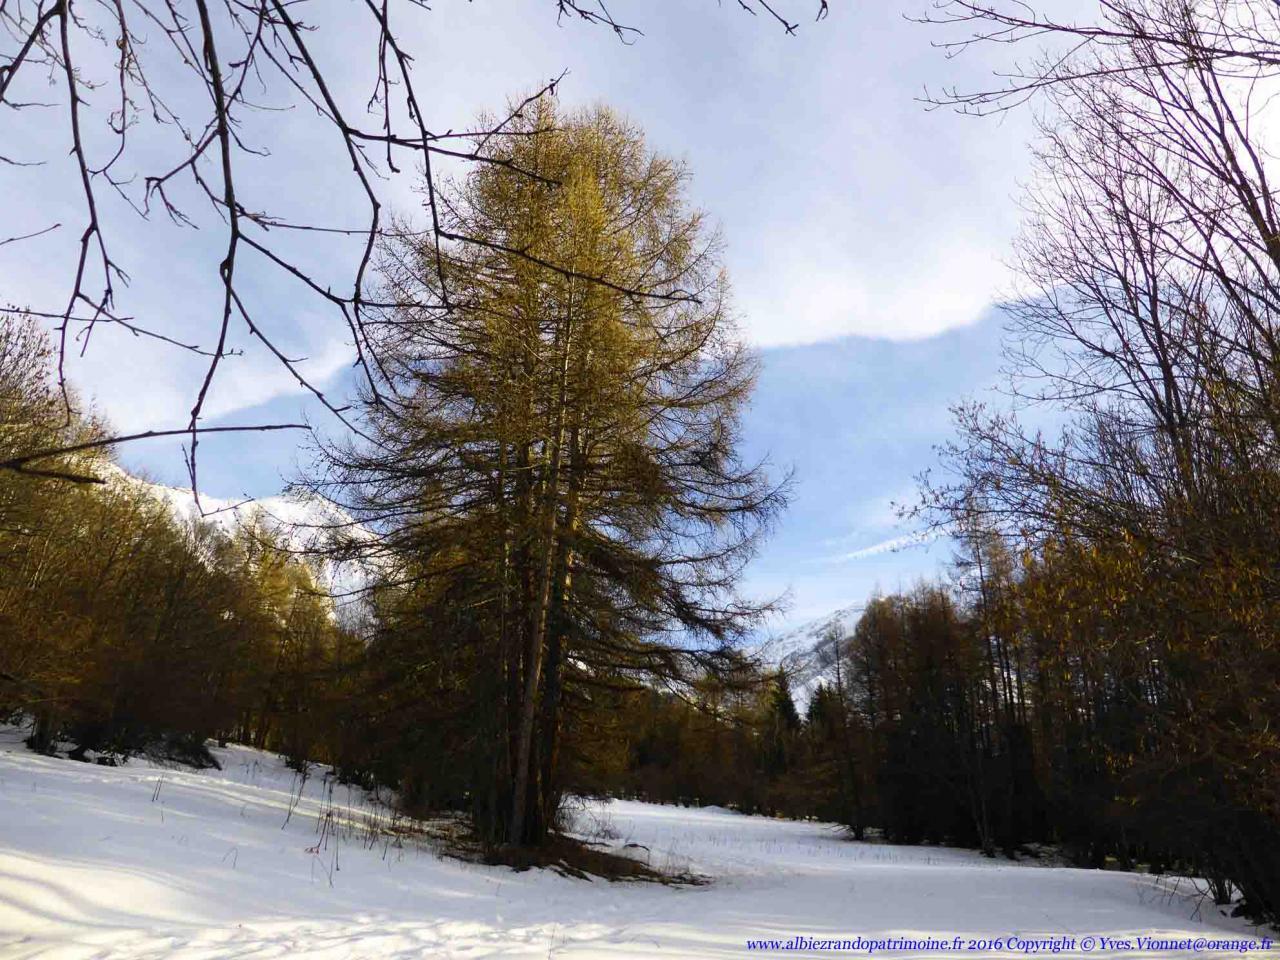 Rando raquette dans une splendide forêt de mélèze